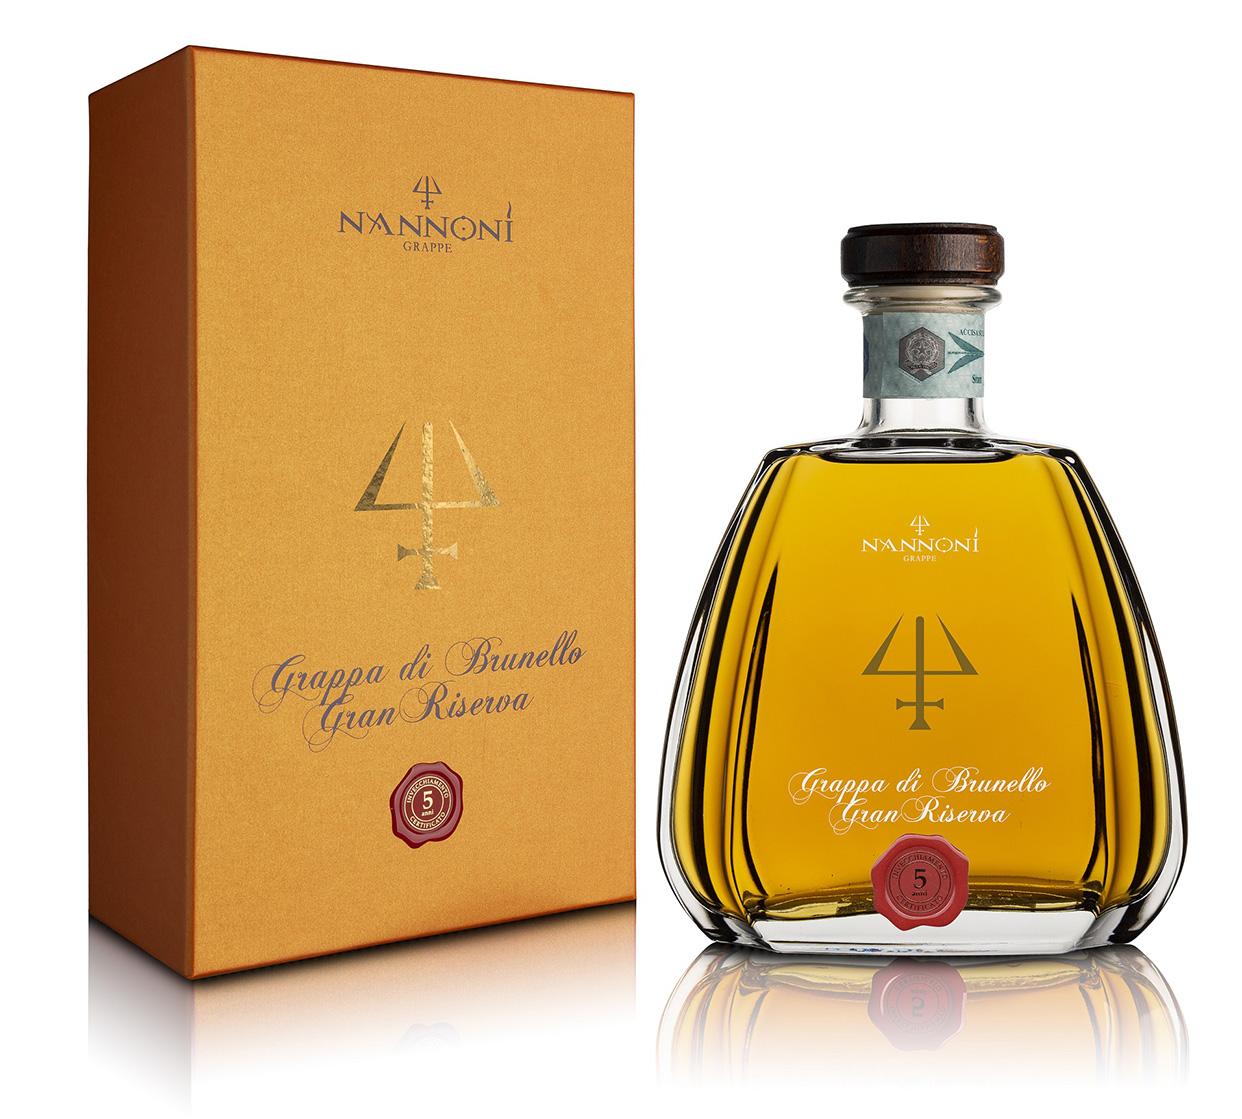 GRAPPA-DI-BRUNELLO-RISERVA-5-ANNI-NANNONI-2